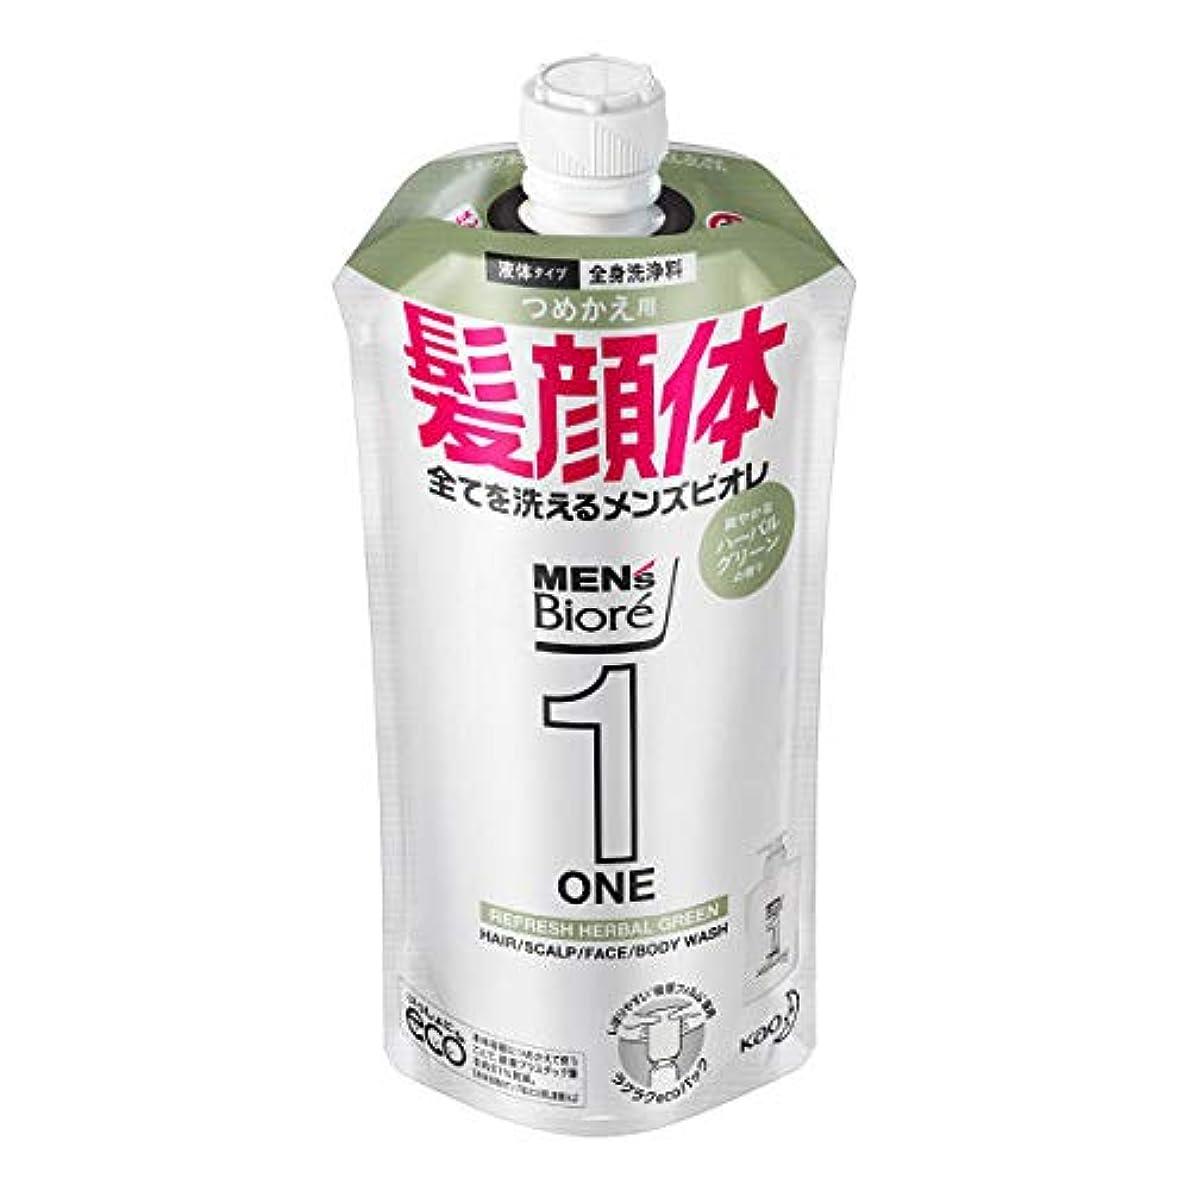 解任銃幼児メンズビオレONE オールインワン全身洗浄料 爽やかなハーブルグリーンの香り つめかえ用 340mL